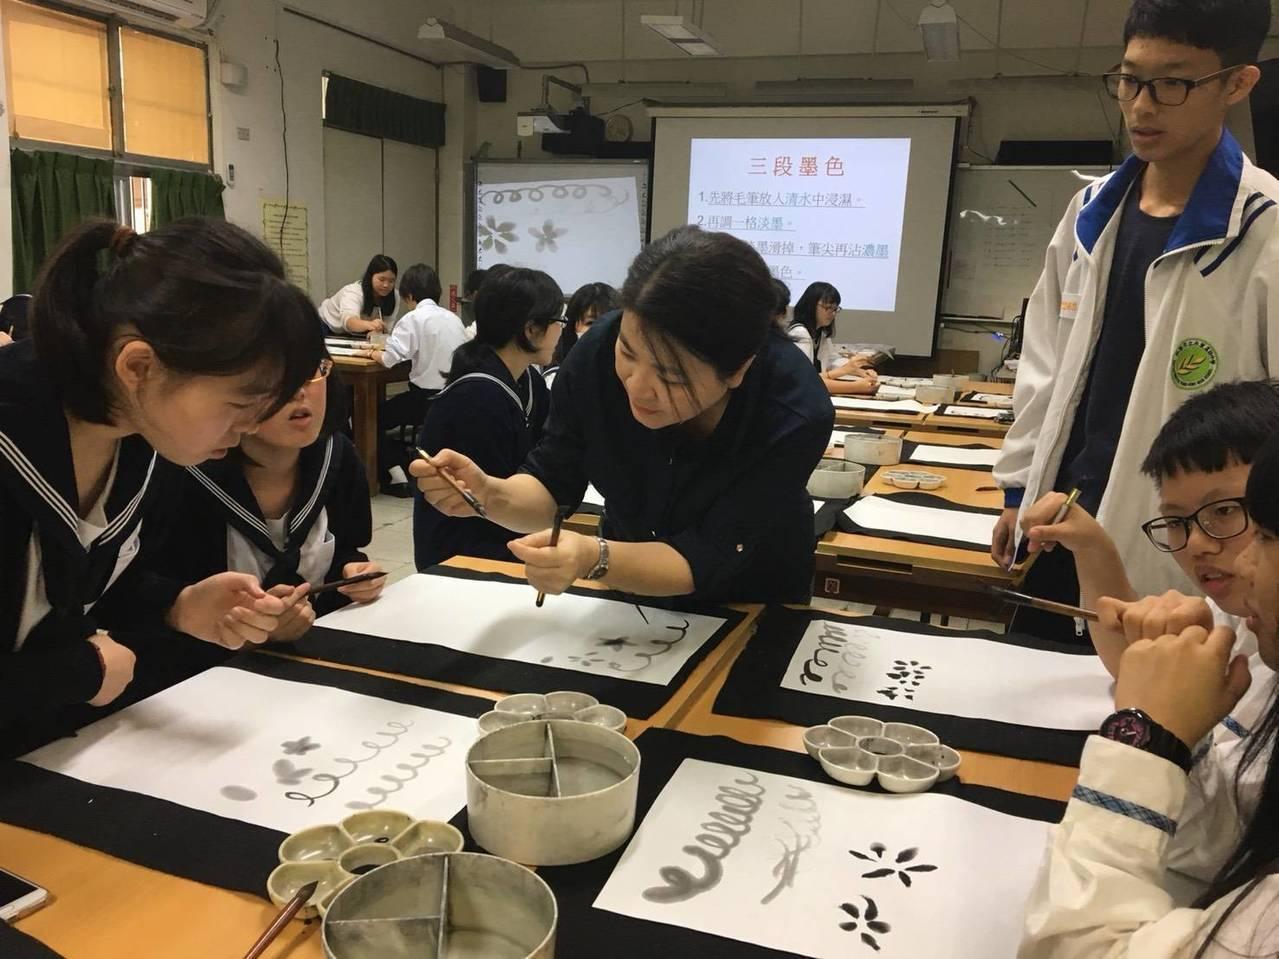 桃園市八德區永豐高中,今天迎接姊妹校的東京都立八潮高校來訪,體驗書法藝術創作。圖...